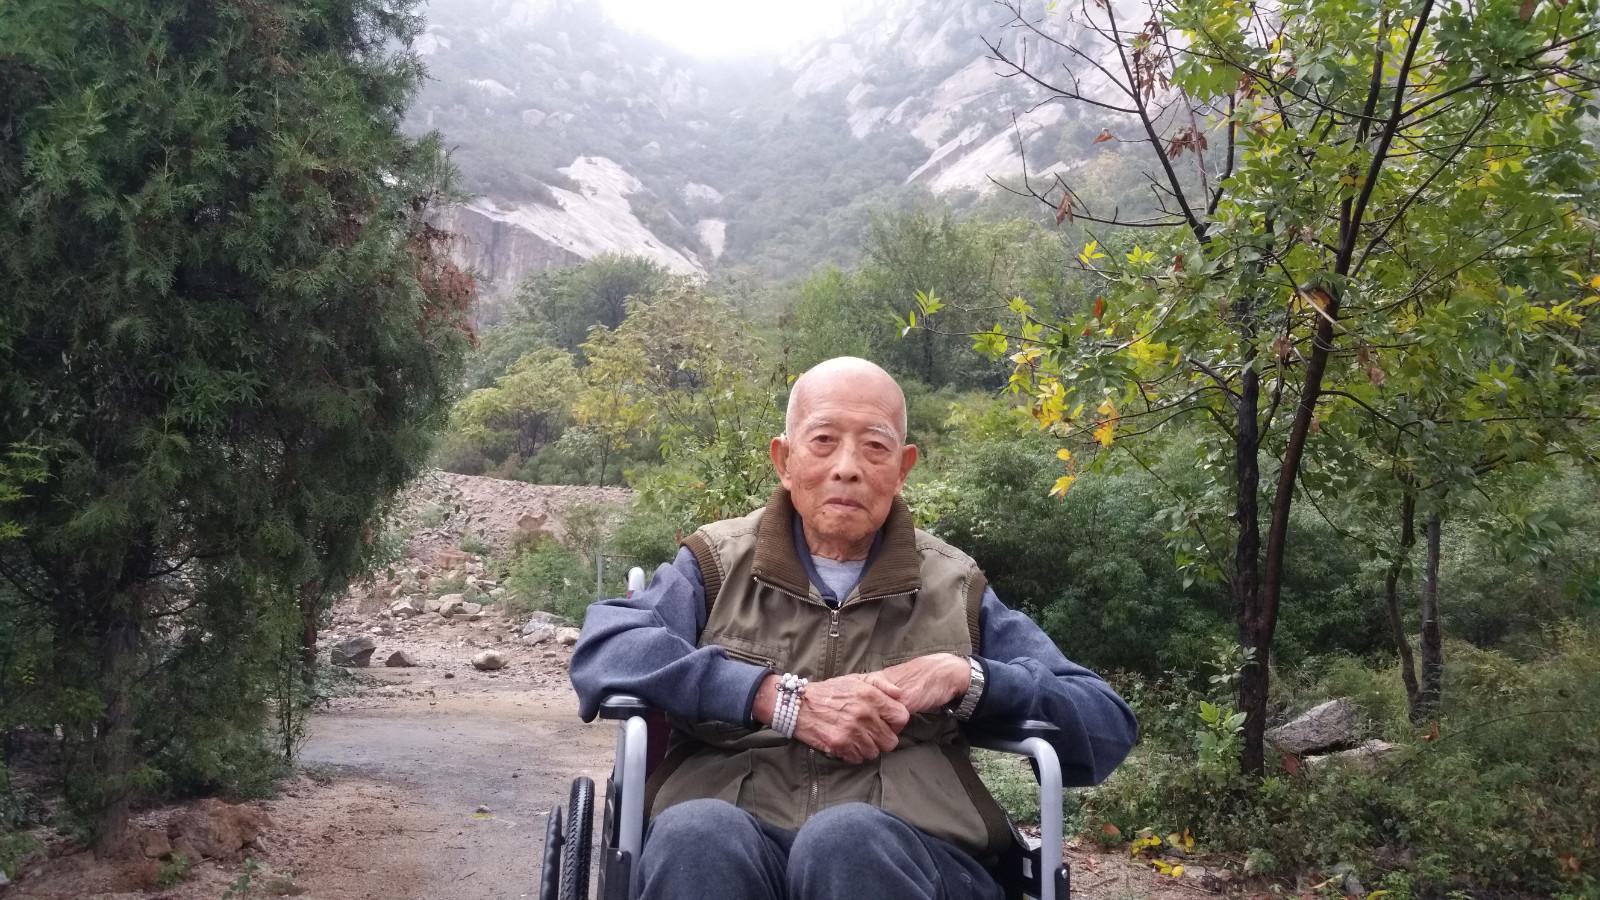 径登莲台 助念心得 ——记我父亲陈德元老菩萨往生经过及我们的一点感悟 - 北京妙音助念团 - ———北京妙音助念团———